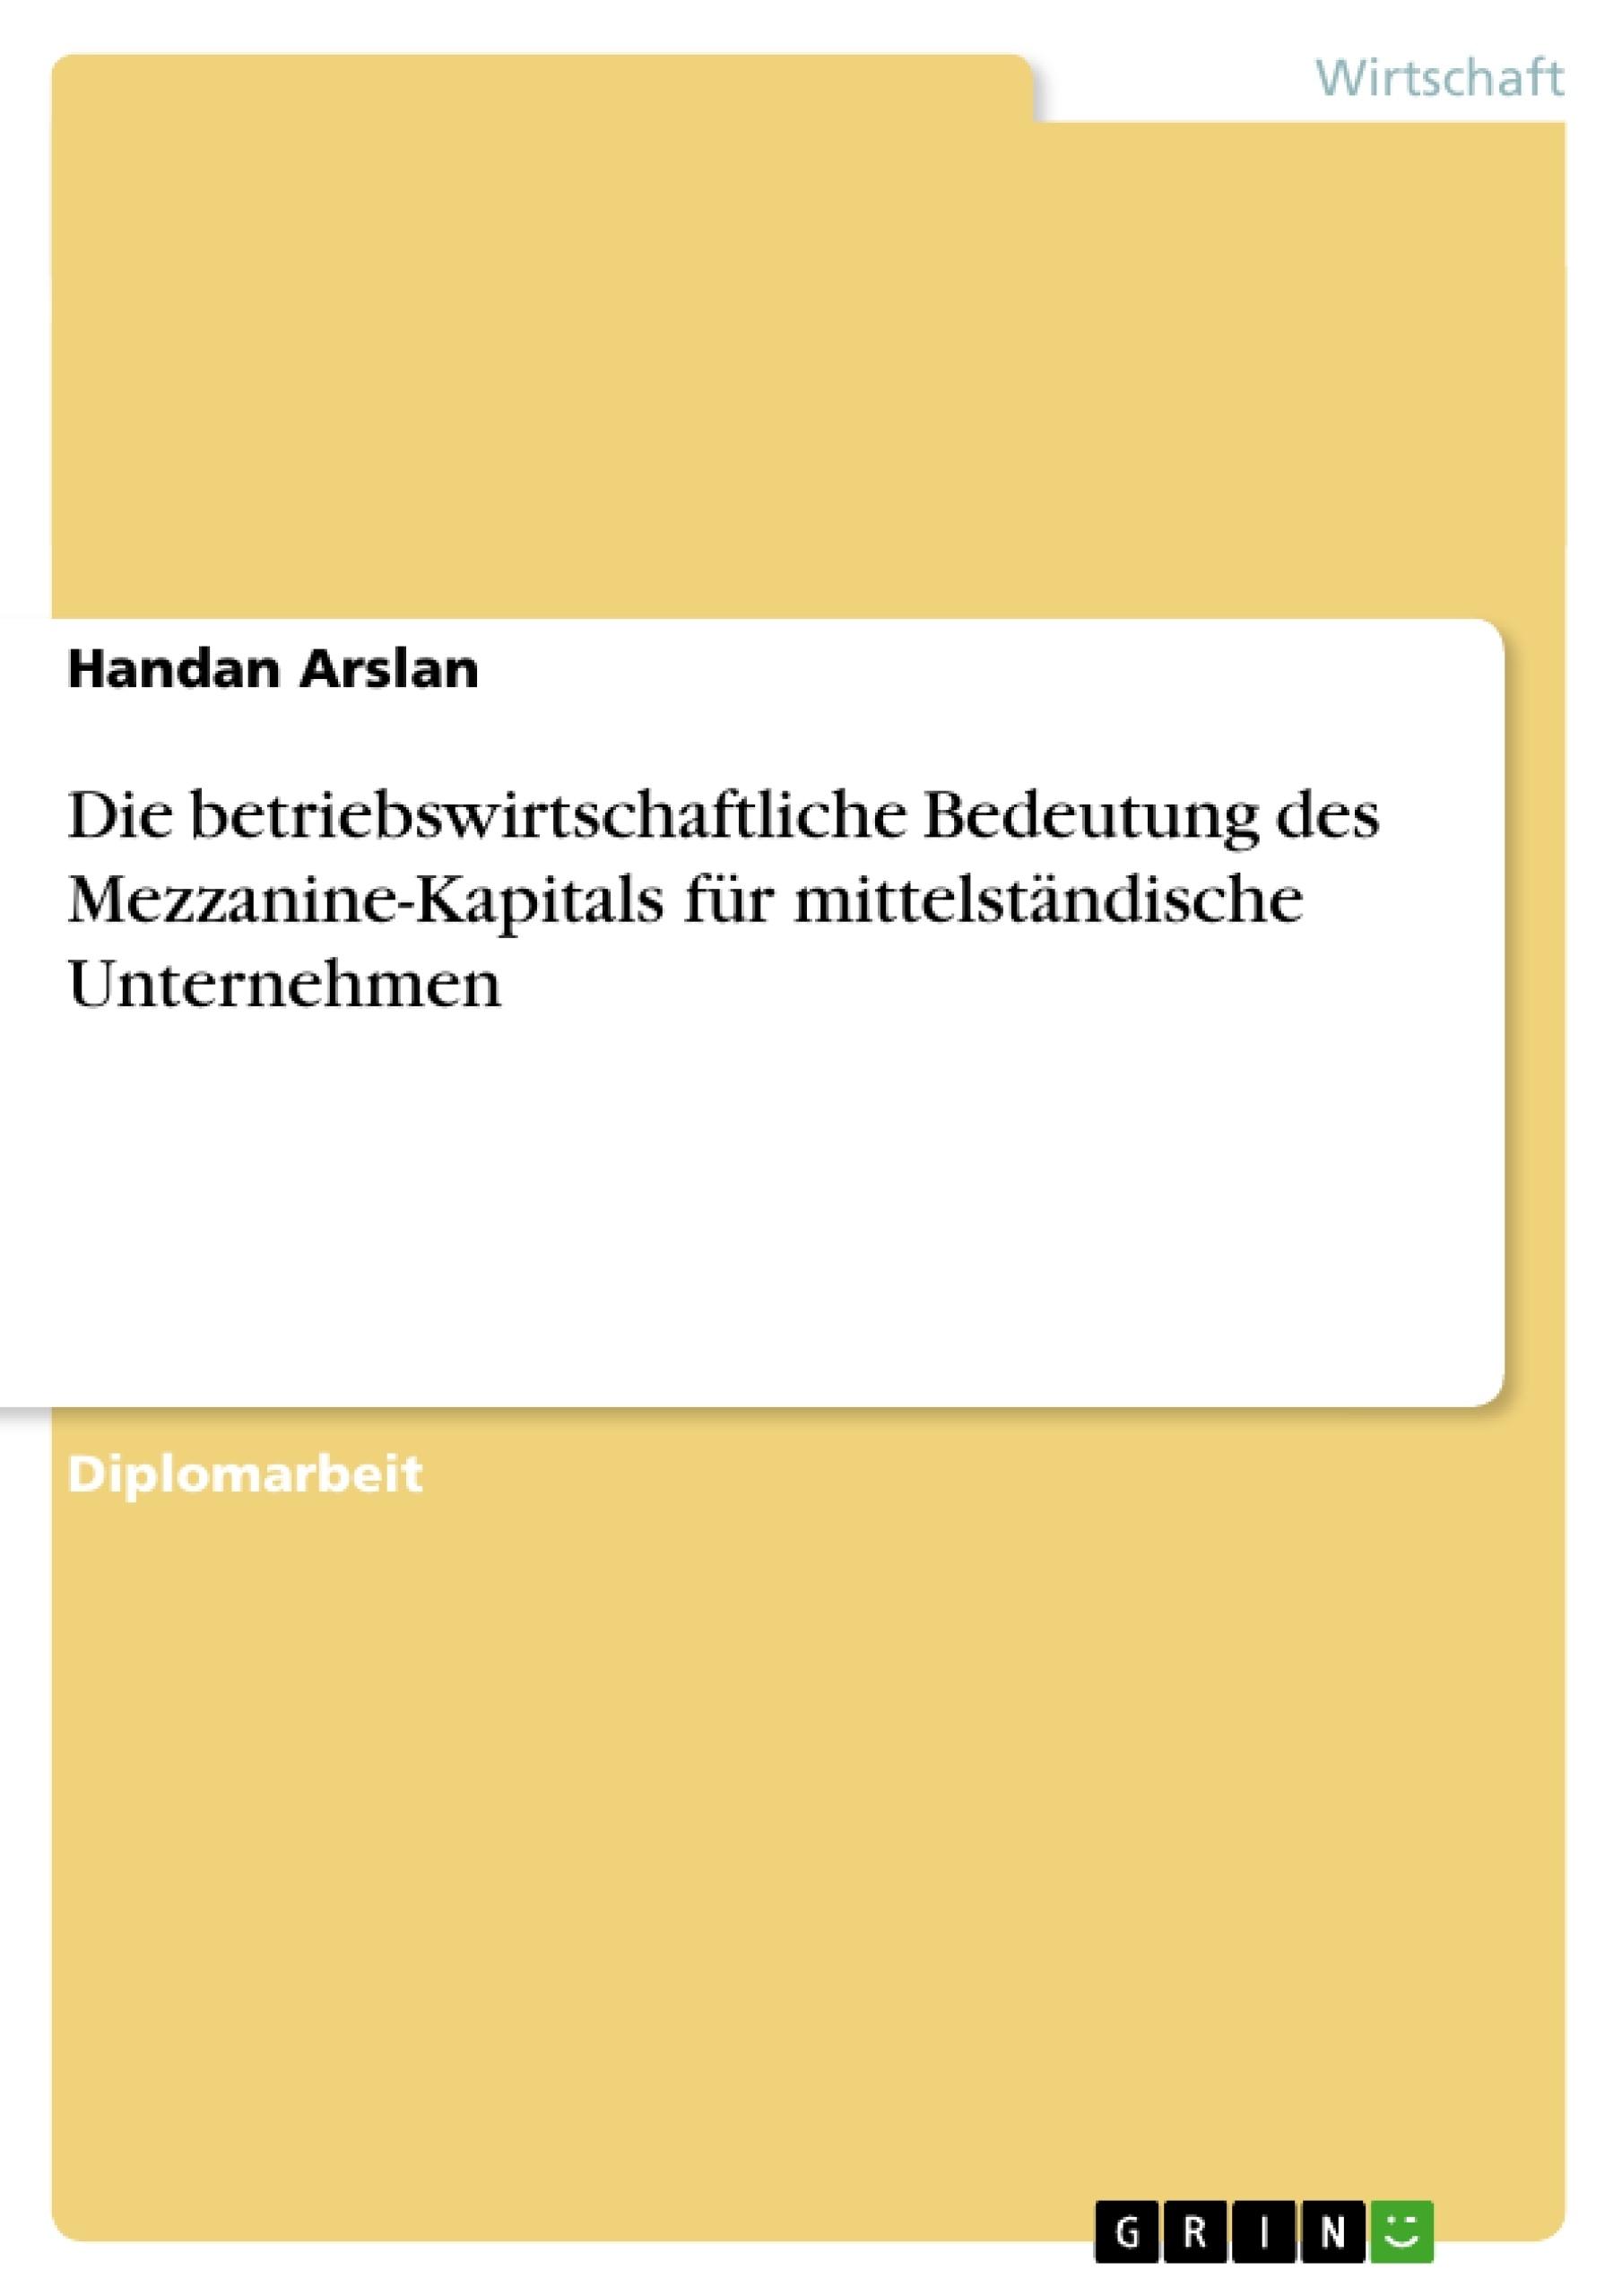 Titel: Die betriebswirtschaftliche Bedeutung des Mezzanine-Kapitals für mittelständische Unternehmen